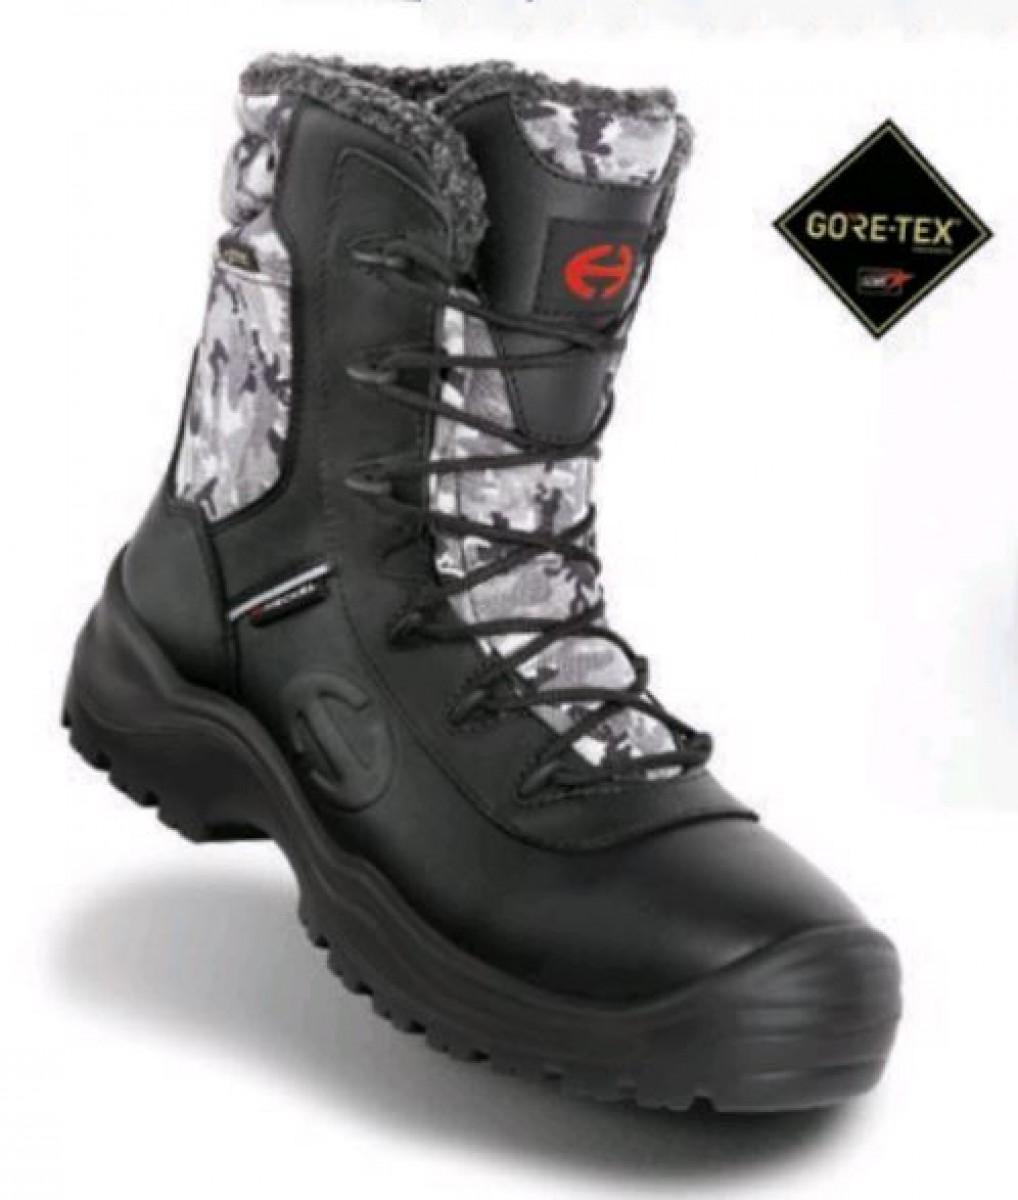 0f58cf97 Sik. vinterstøvler MX 100 GT 38 - 47